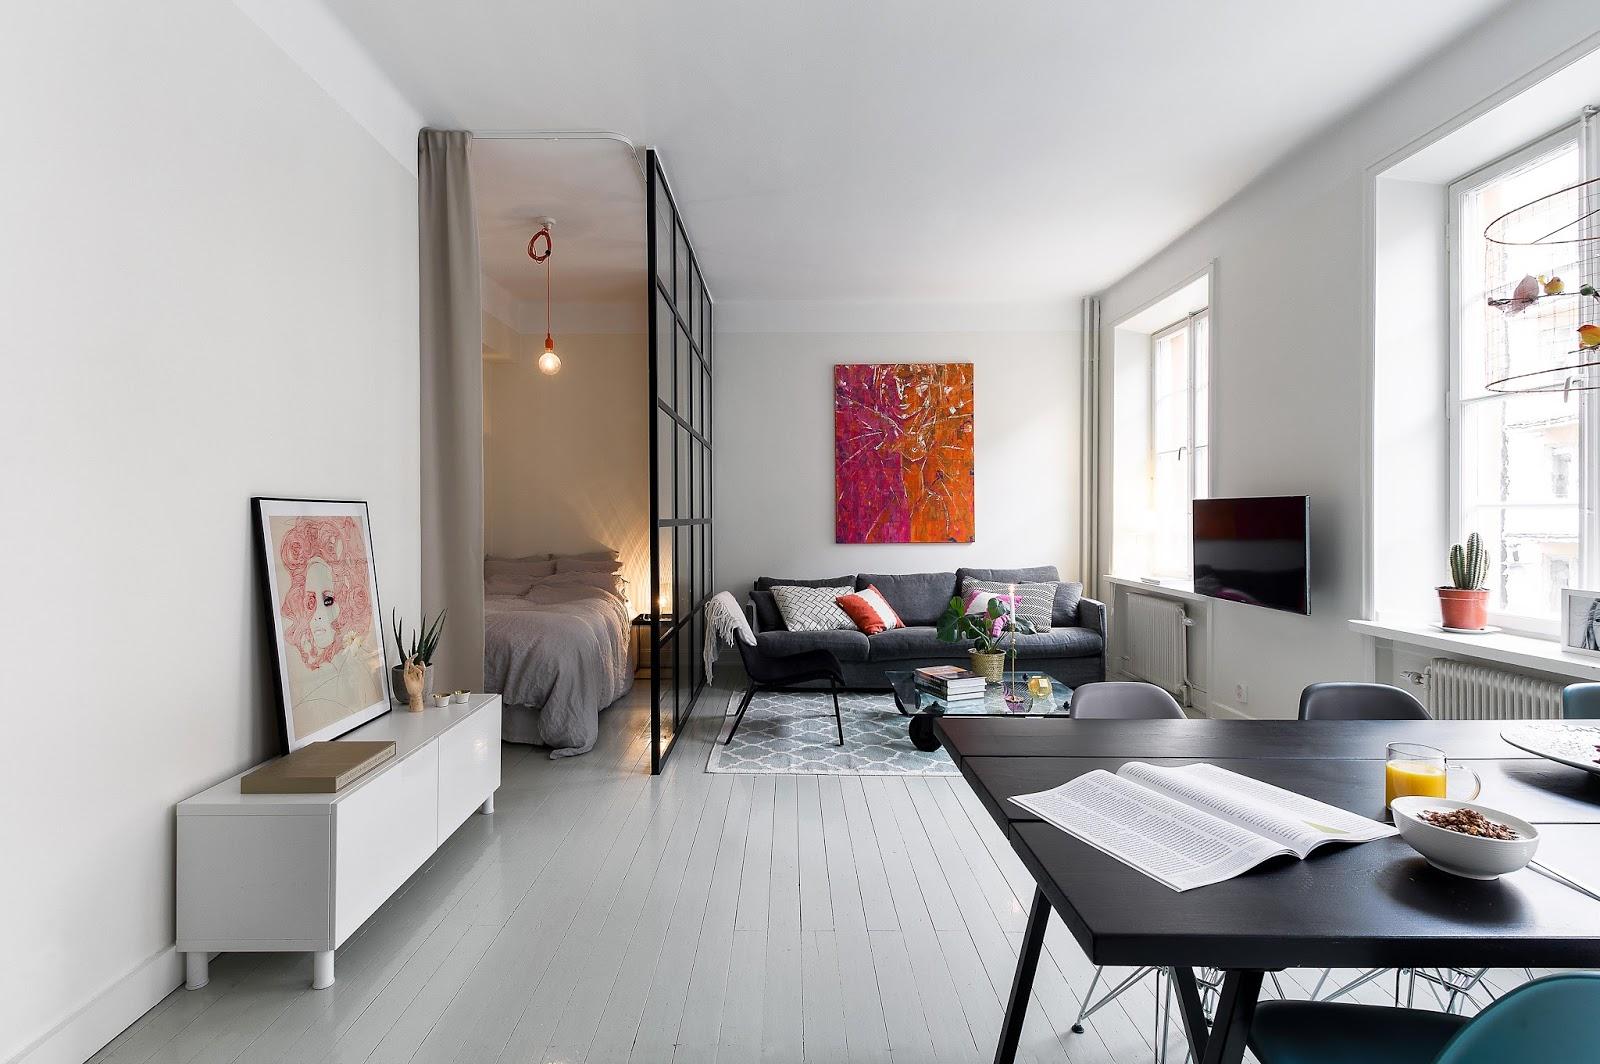 Однокомнатная квартира 40 кв м со стеклянной перегородкой